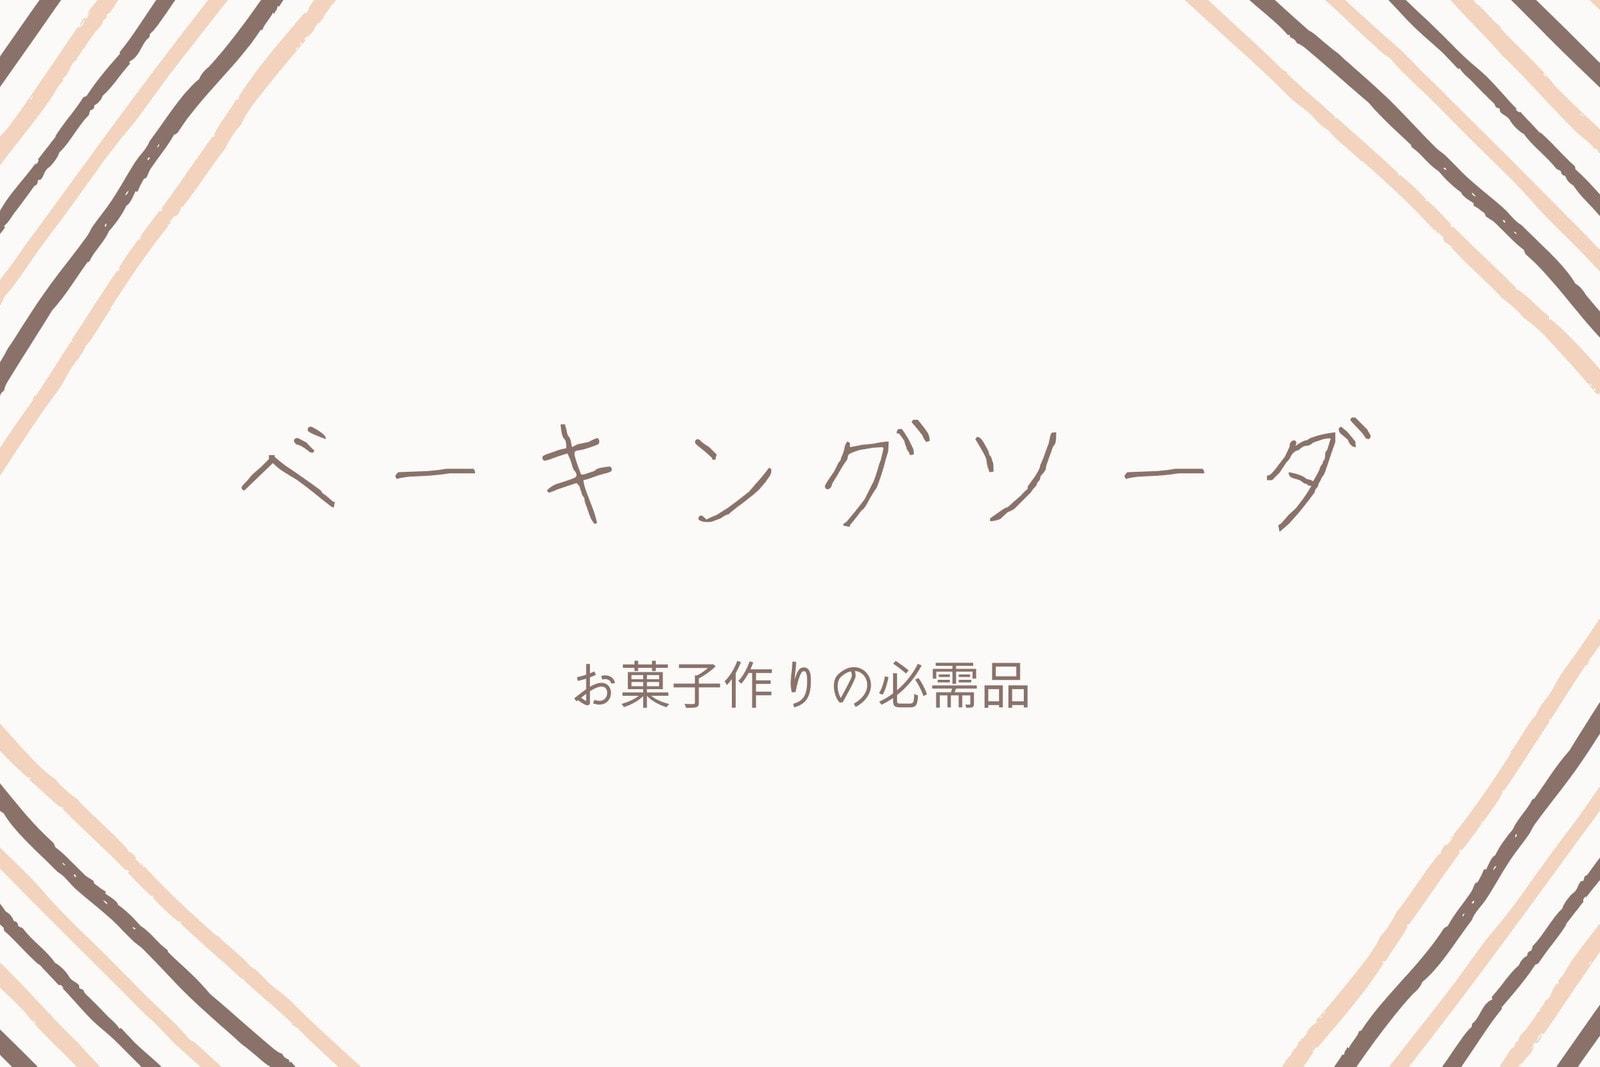 桃色と茶色 筆書き キッチンラベル